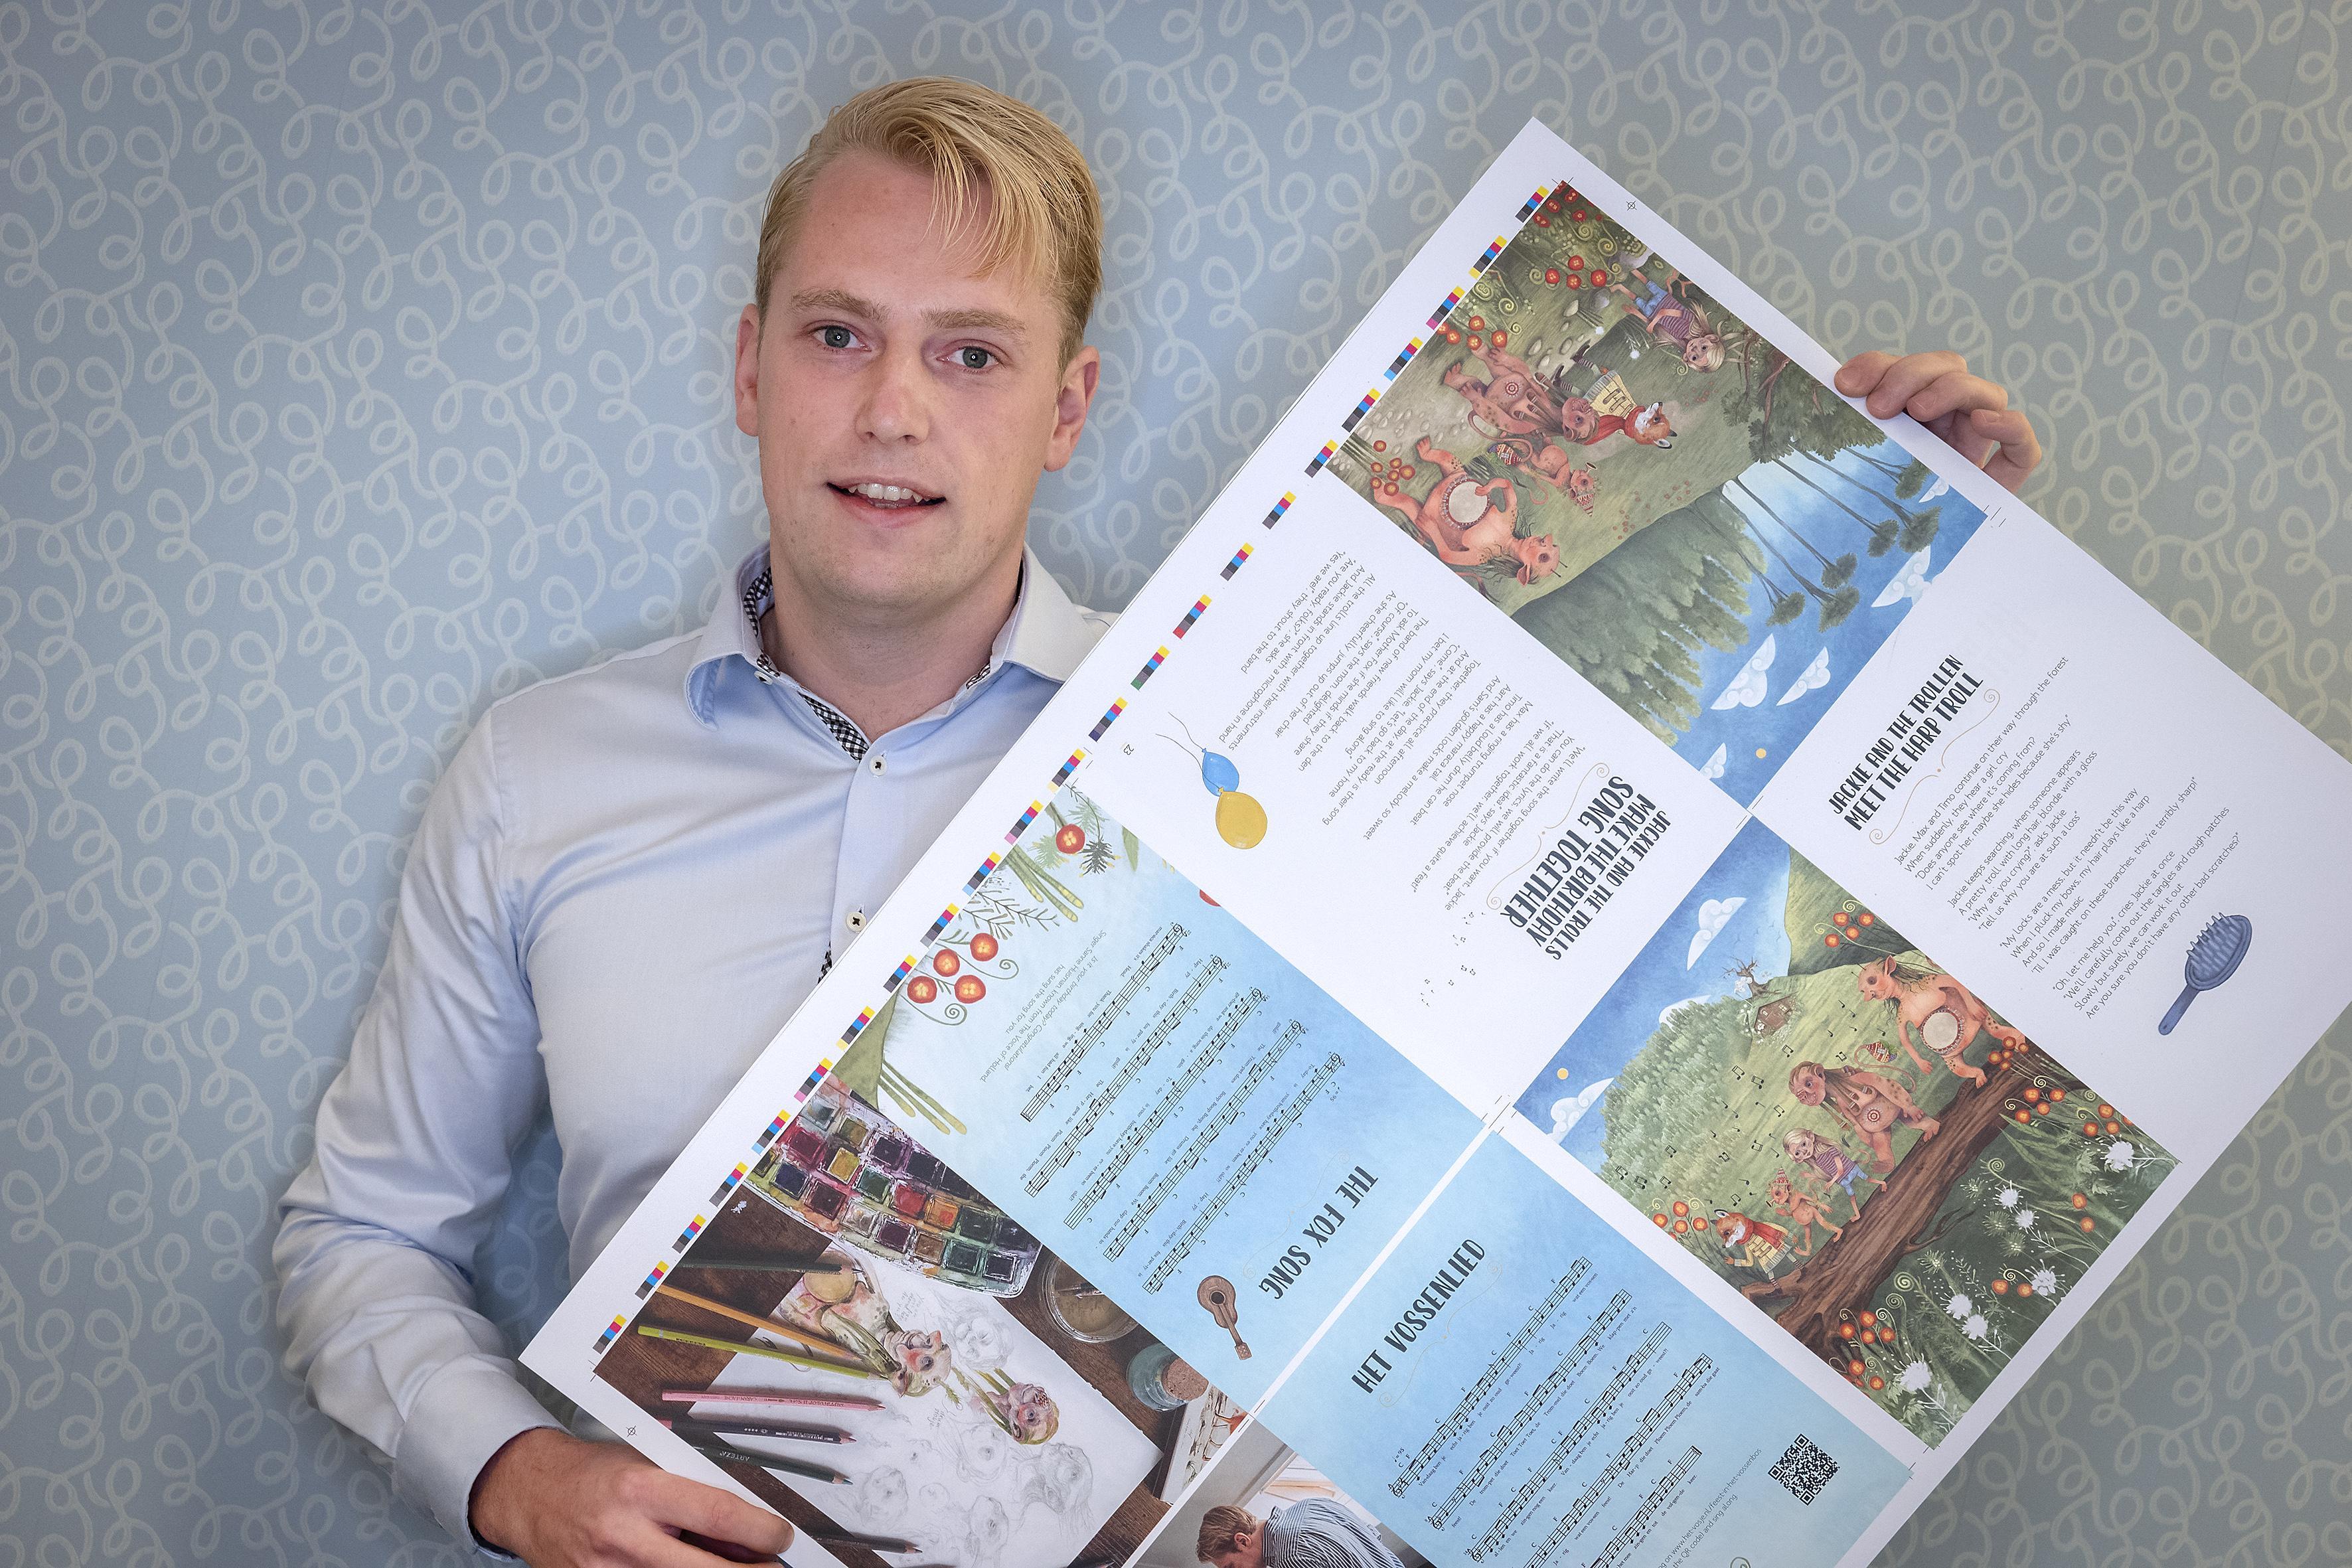 Alles of niets-actie met spontaan gemaakt kinderboek Feest in het Vossenbos. 'Pas als het doelbedrag van 7500 euro gehaald is, gaat de druk ook daadwerkelijk door'